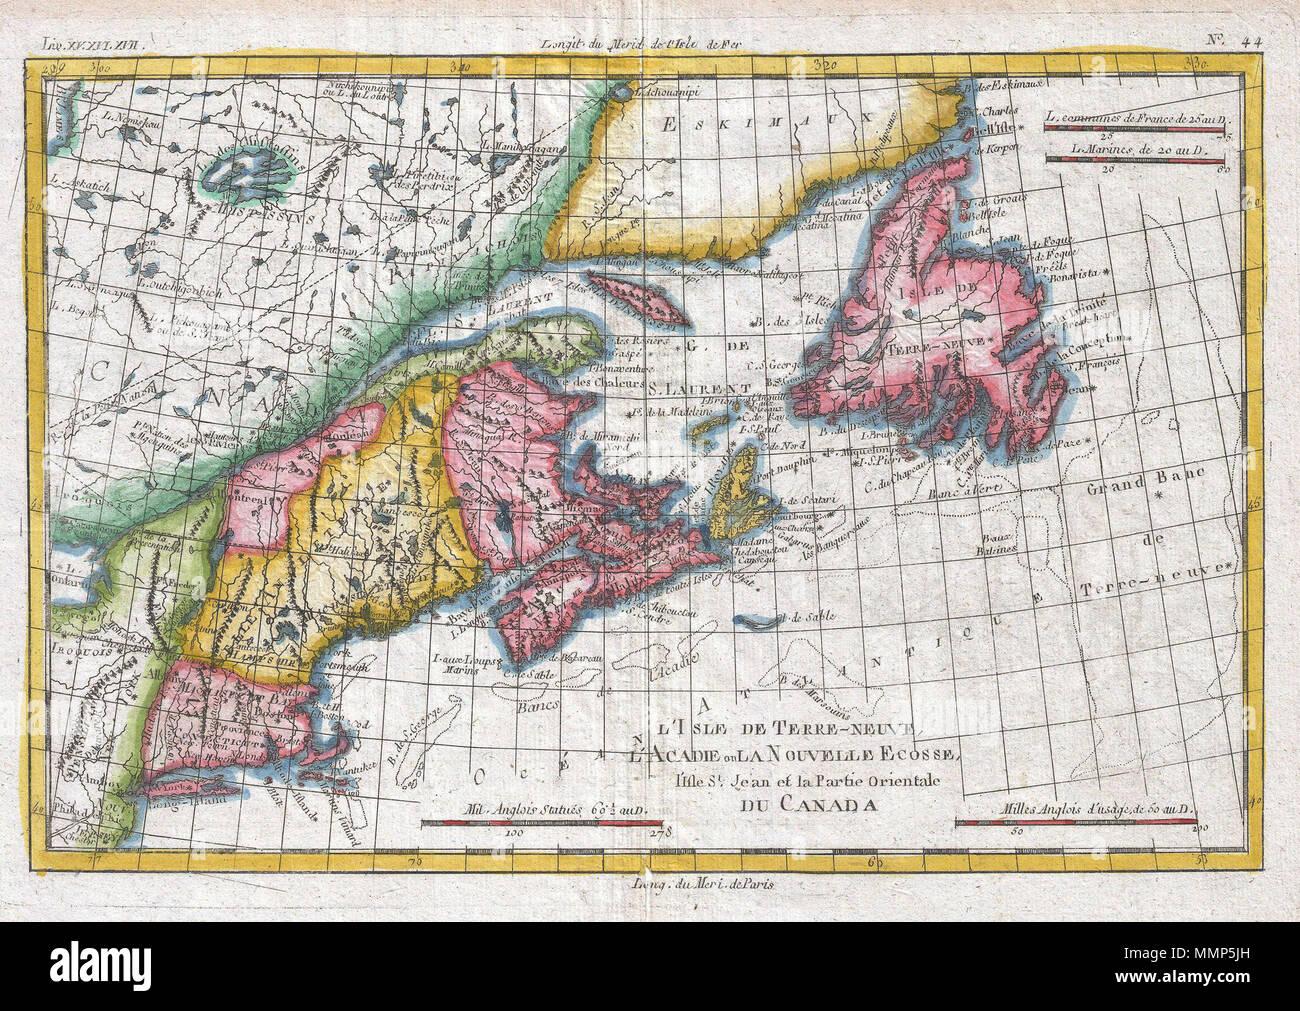 Carte Usa Canada Cote Est.Anglais Un Bel Exemple De Rigobert Bonne Et Guilleme Raynal S 1780